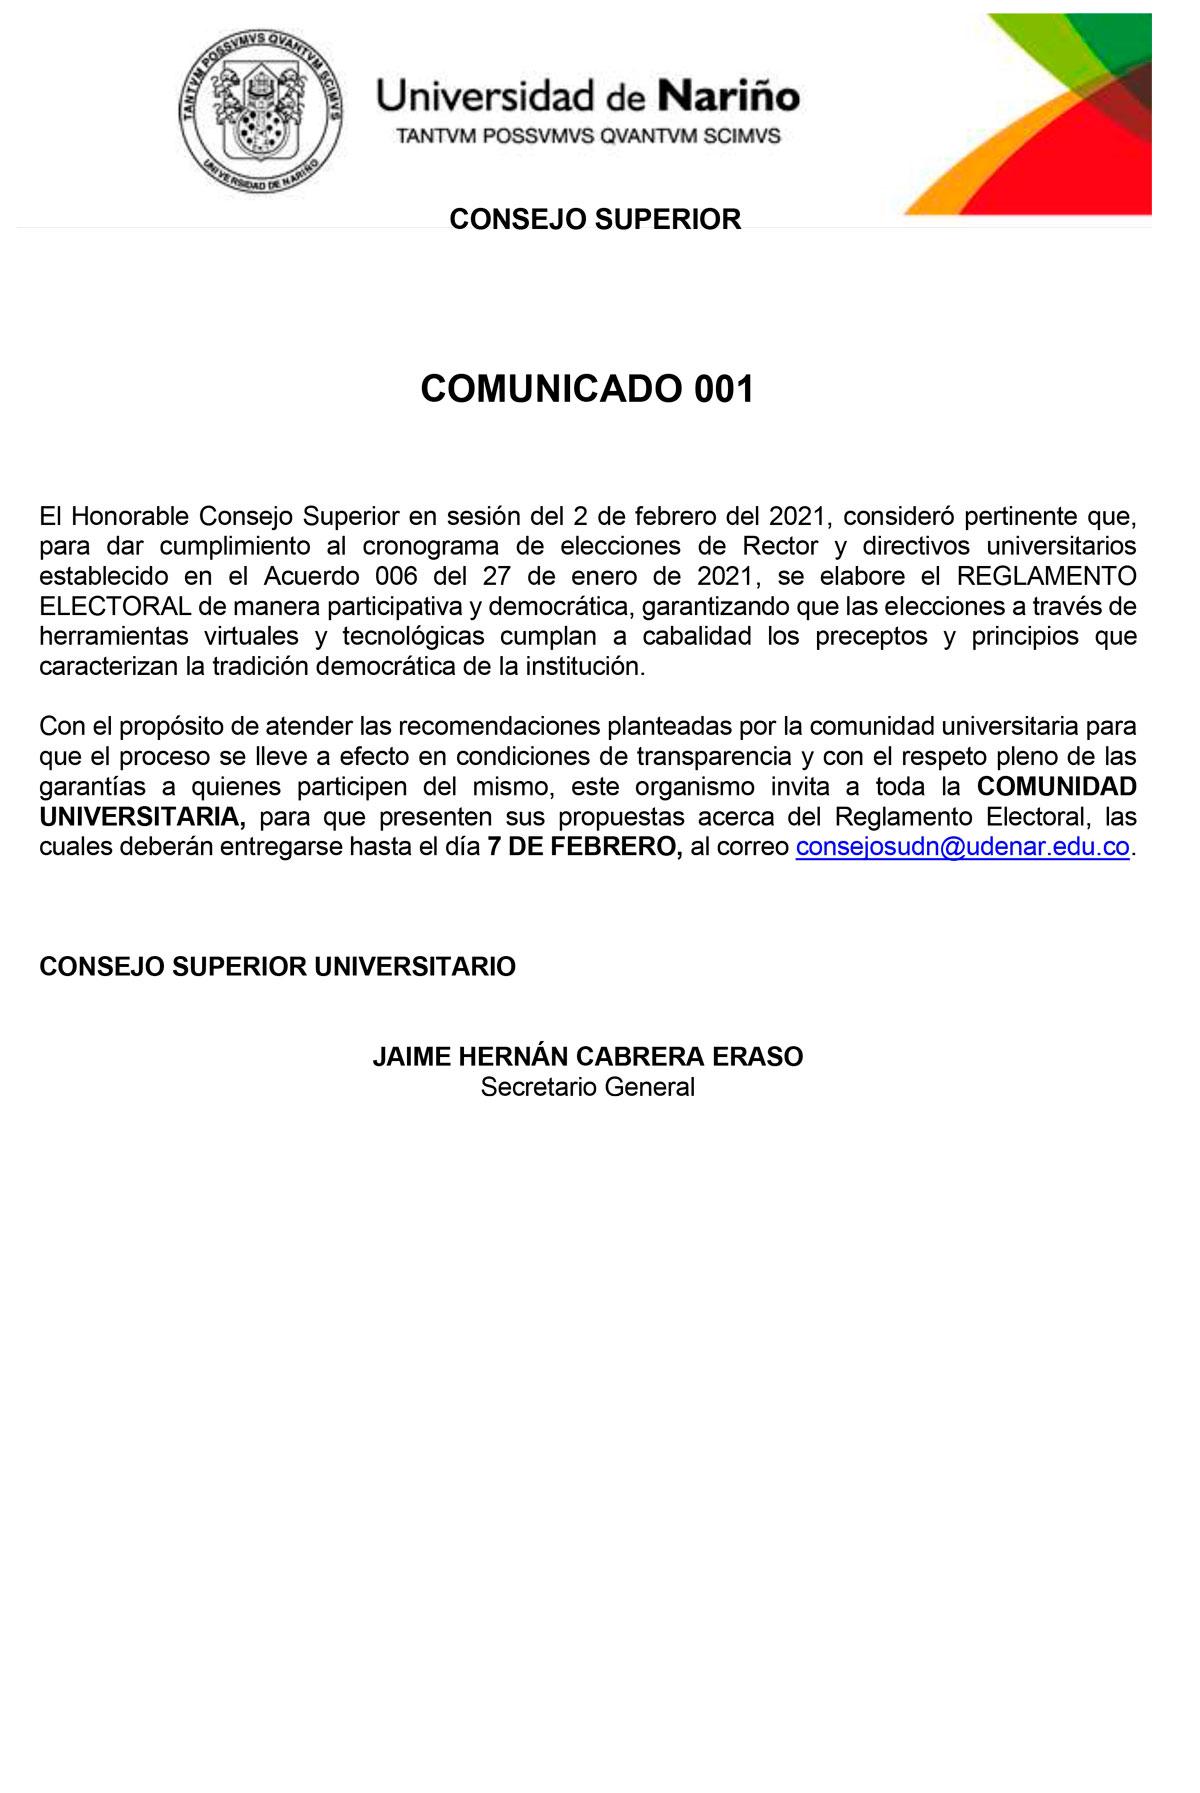 01comunicado-reglamento-electoral